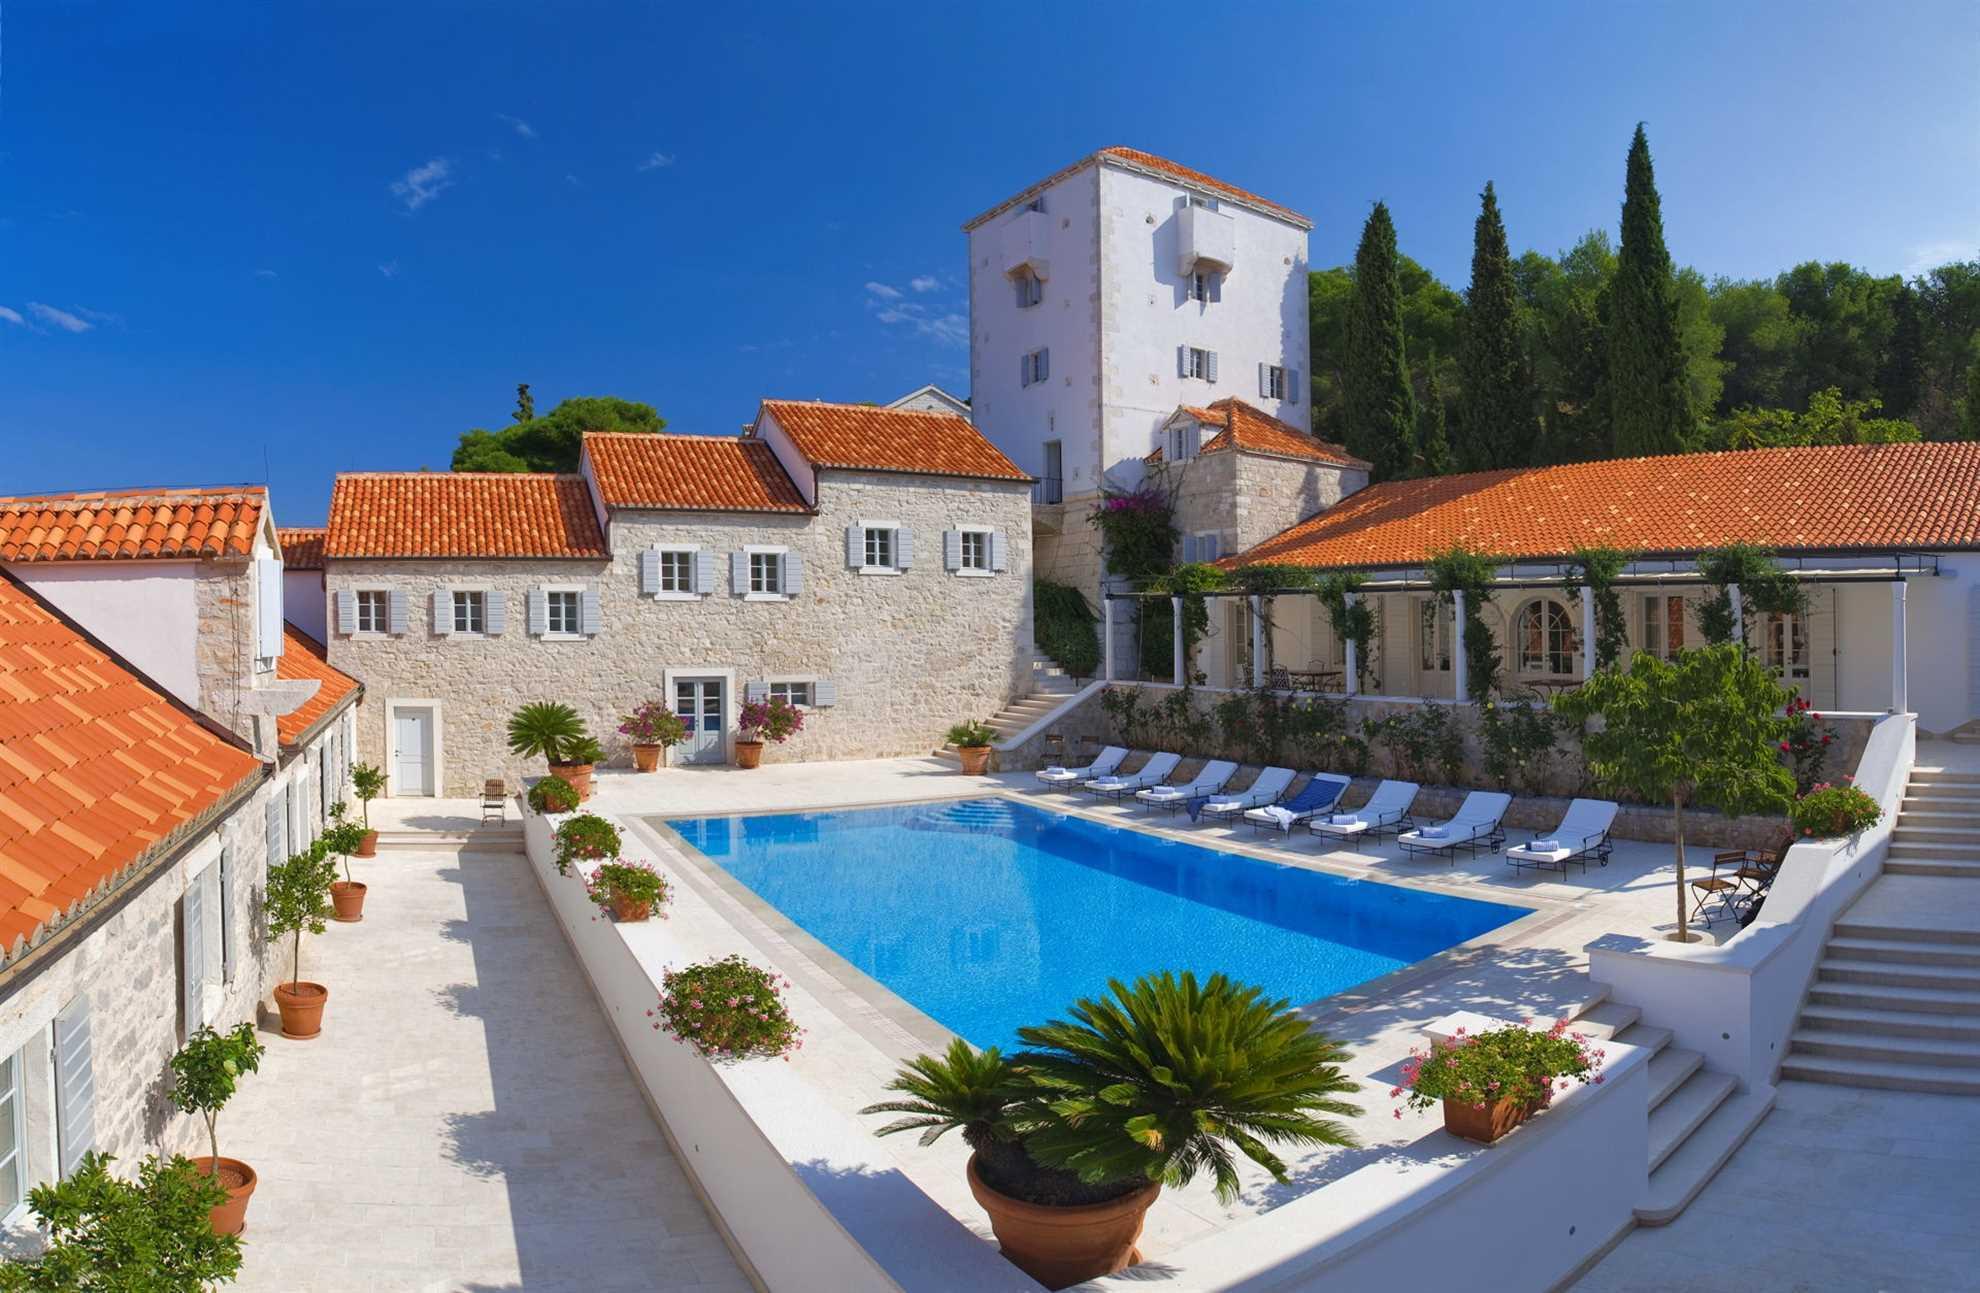 Villa M & M auf Solta perfekt für Hochzeiten